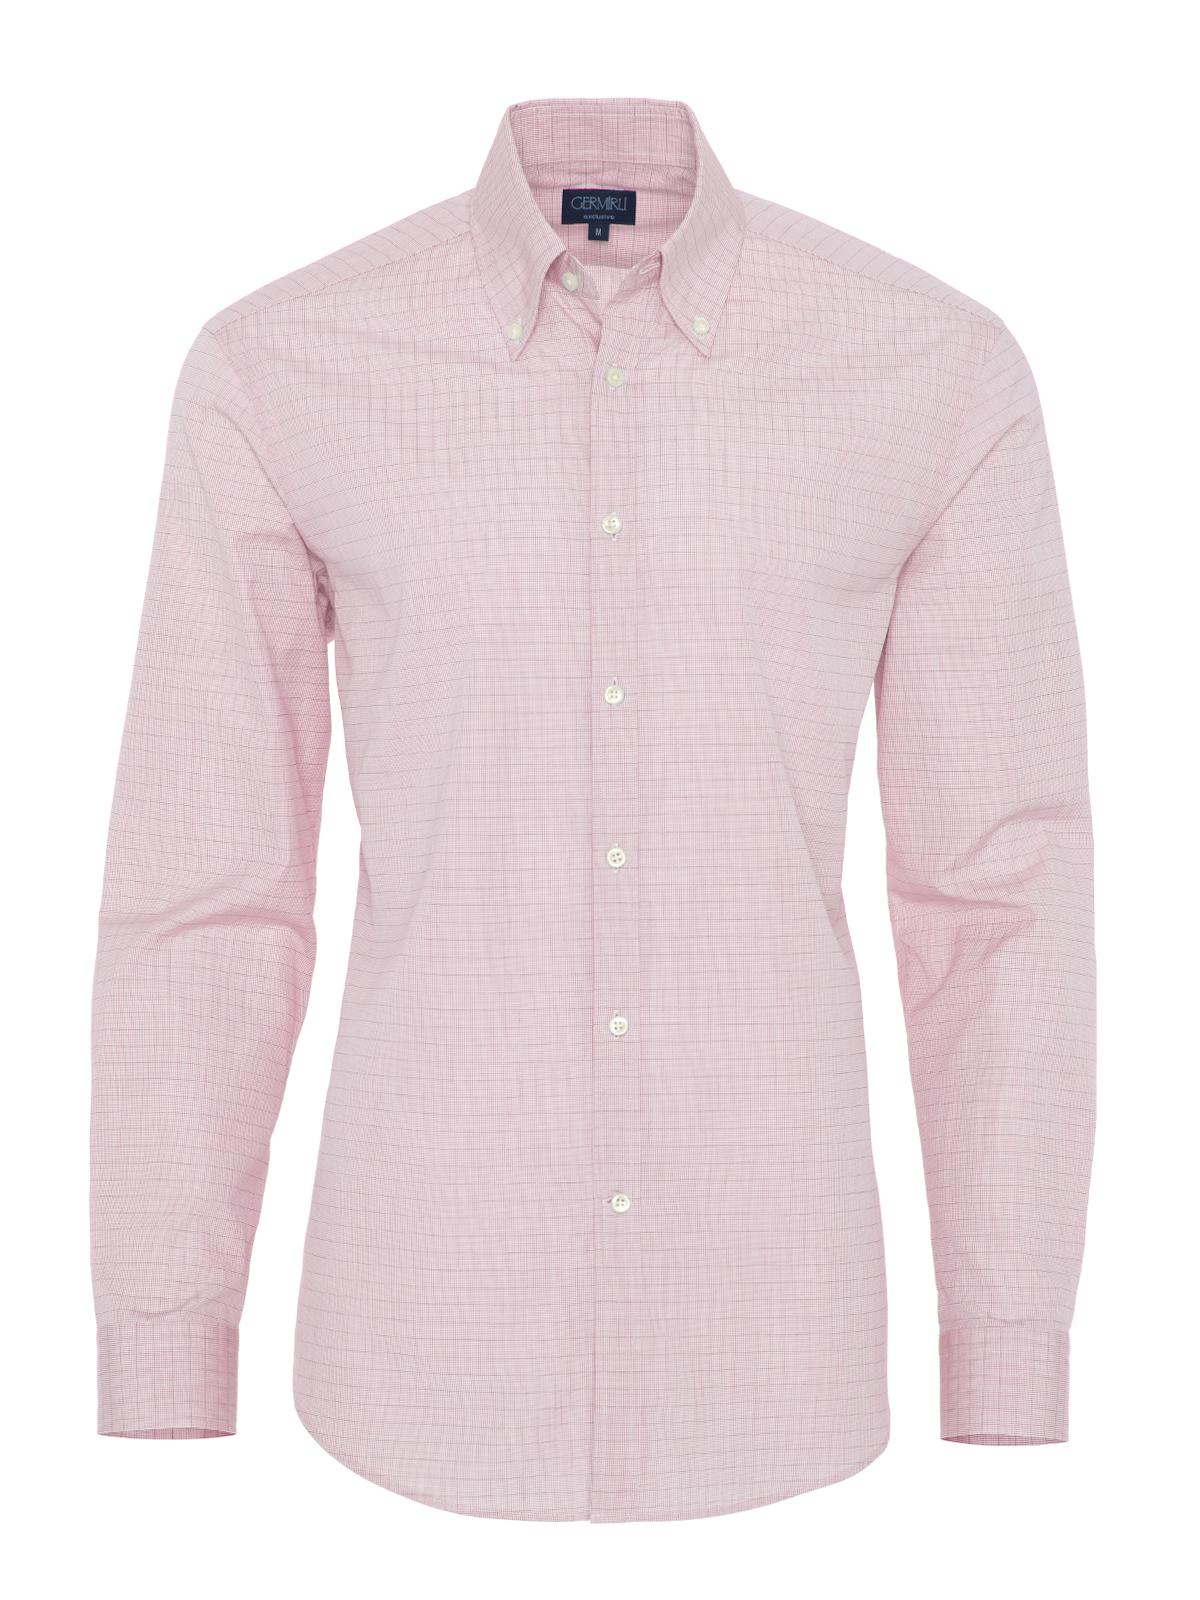 Germirli Kırmızı Beyaz Kareli Tailor Fit Gömlek